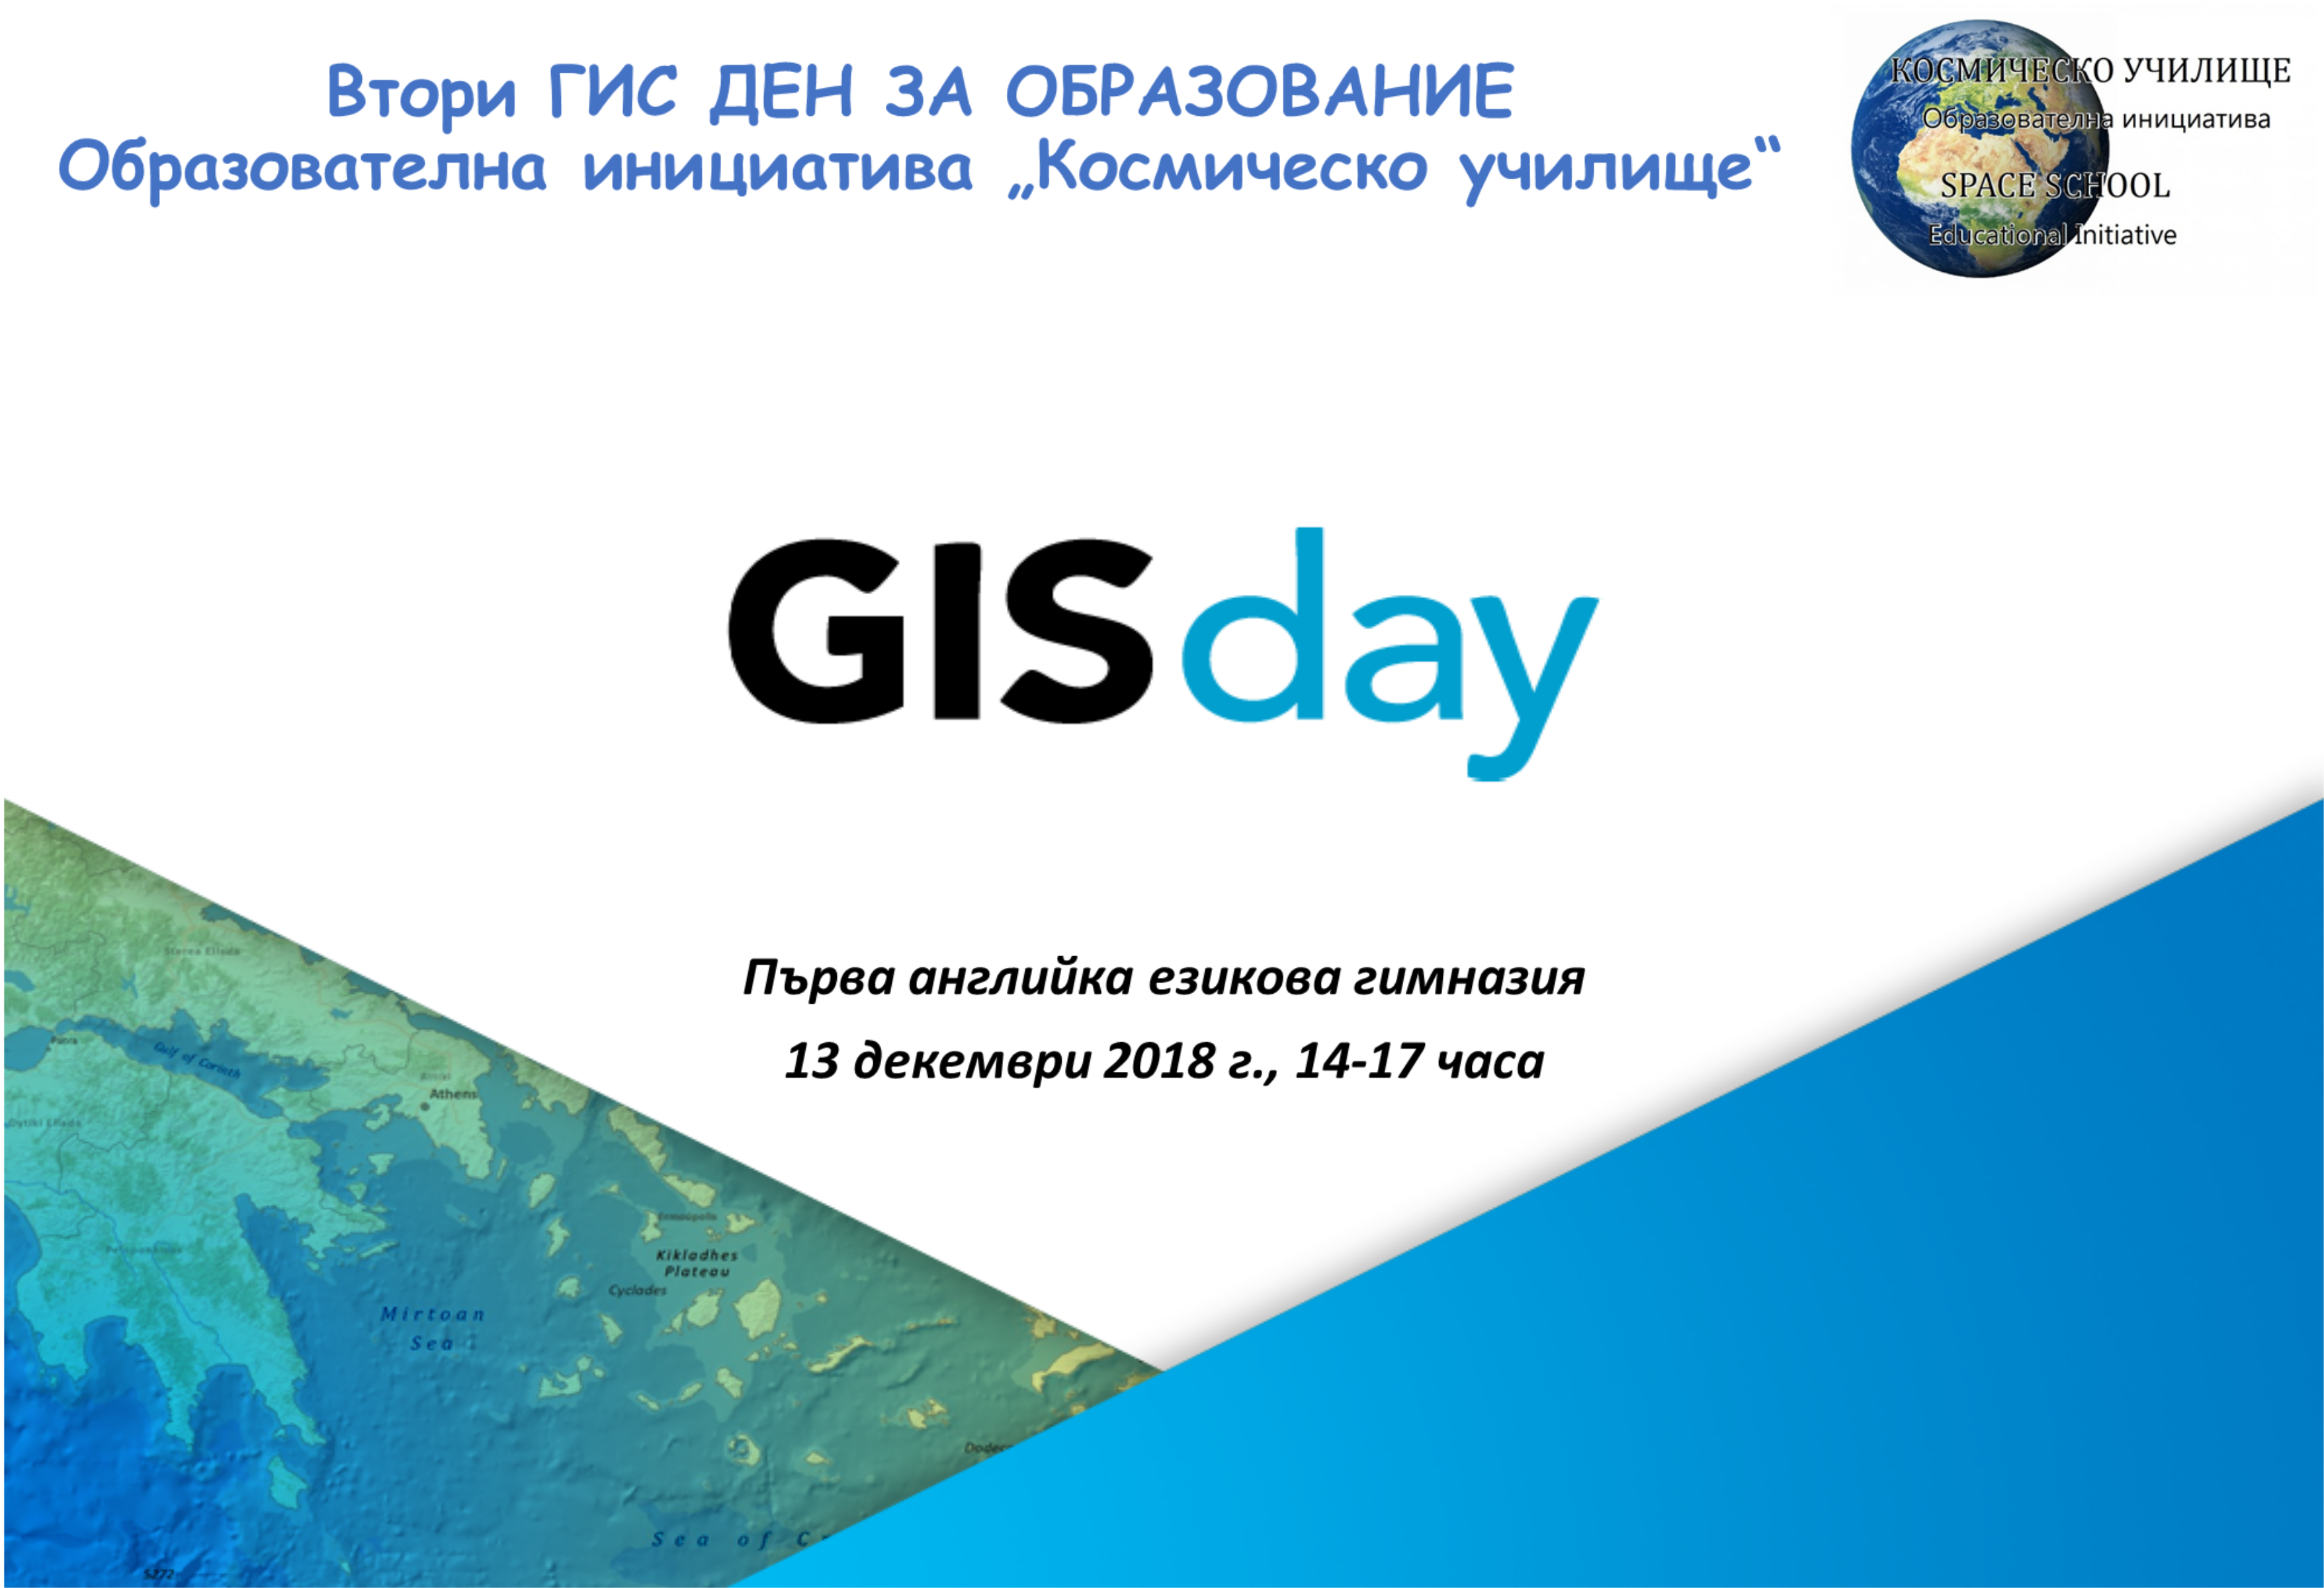 Втори ГИС ден за образование 2018